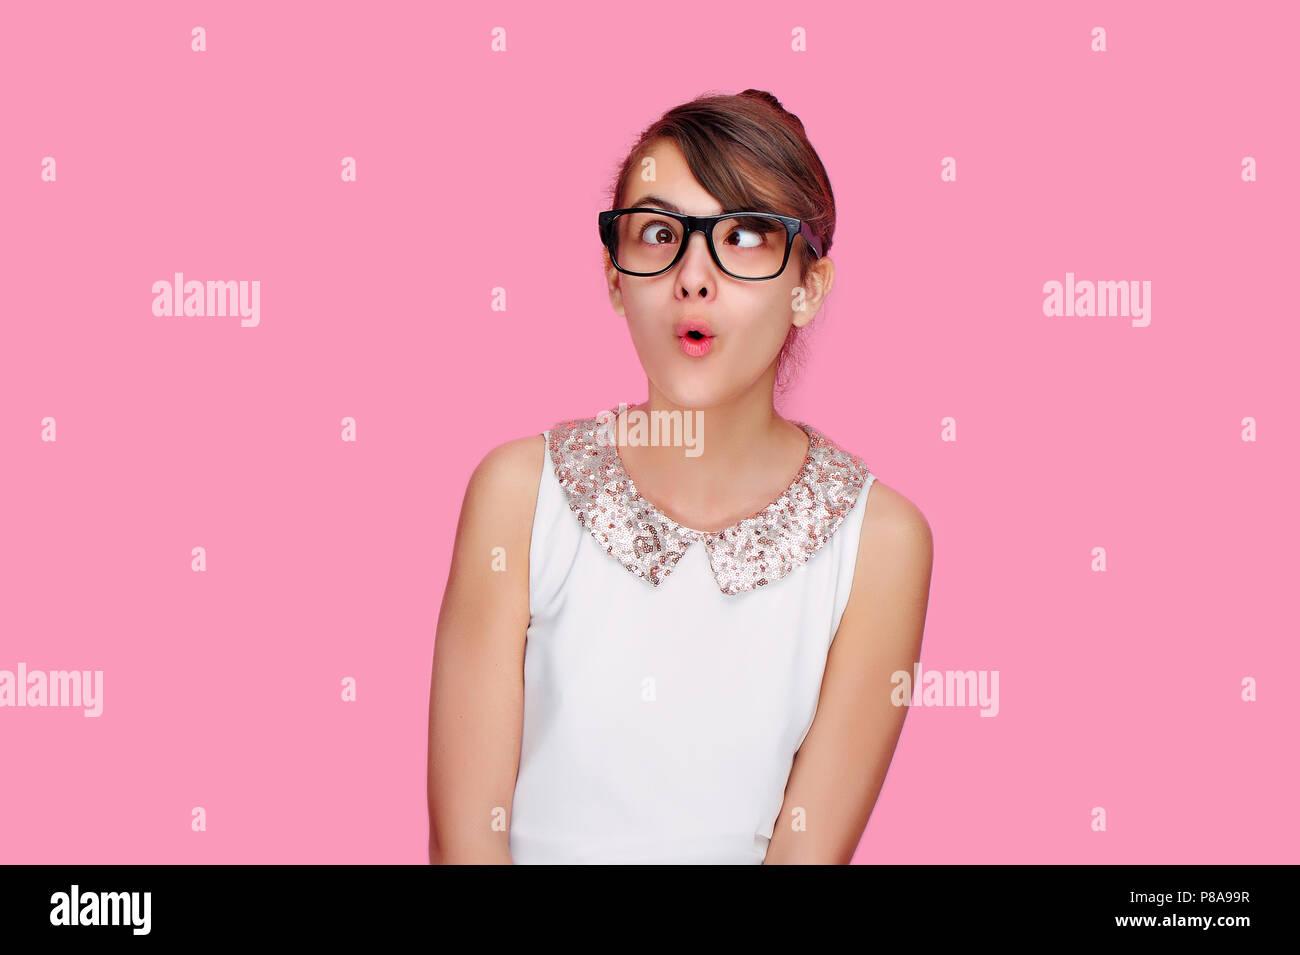 Brunette teen ragazza in un studio di rosa viene attraversato gli occhi di vertigini Immagini Stock